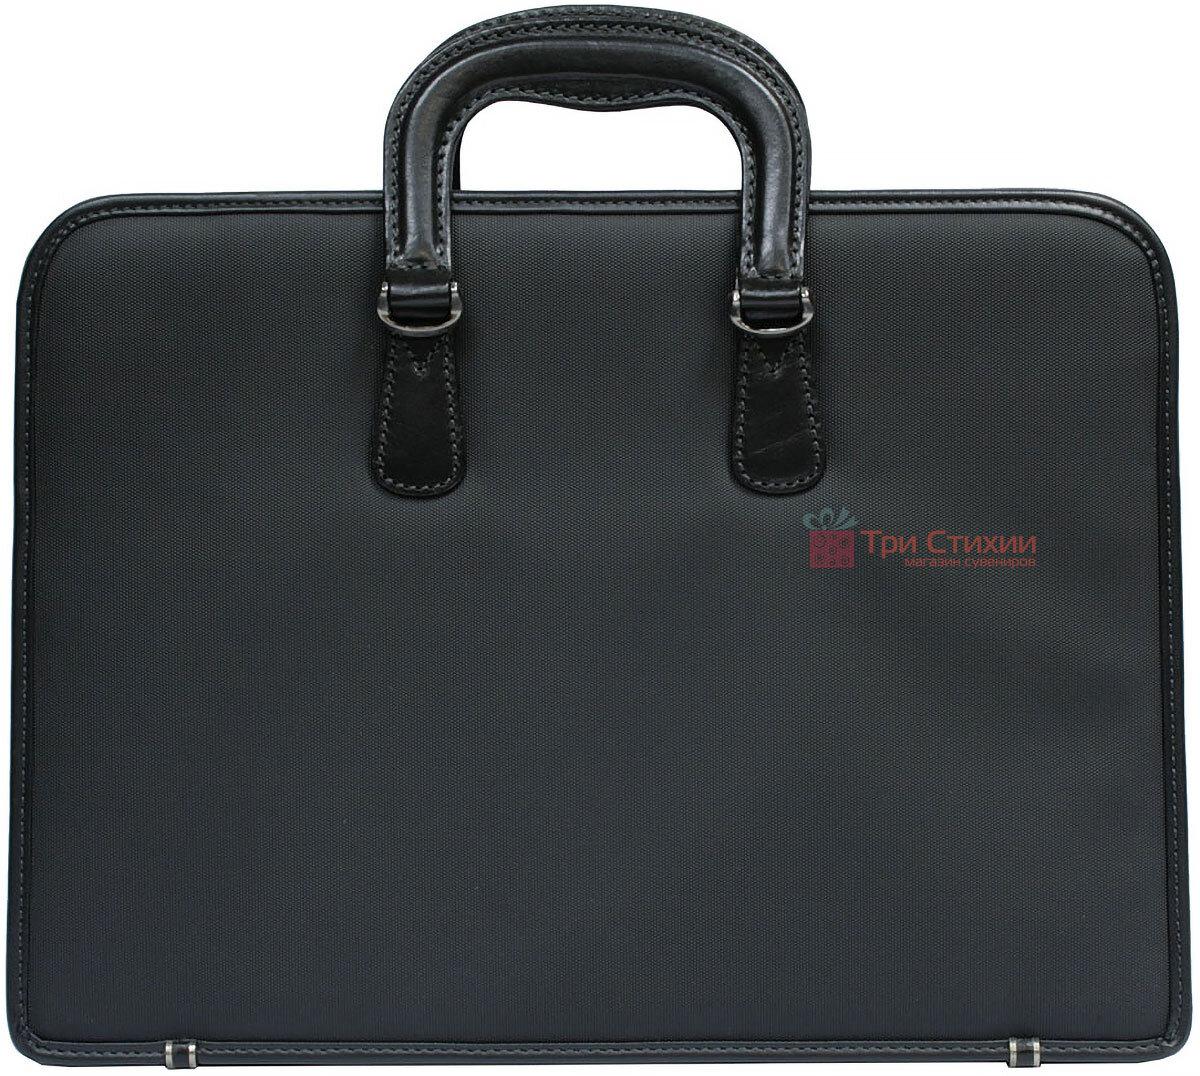 Портфель Tony Perotti Cartelle Supreme 8578 nero Черный, фото 3